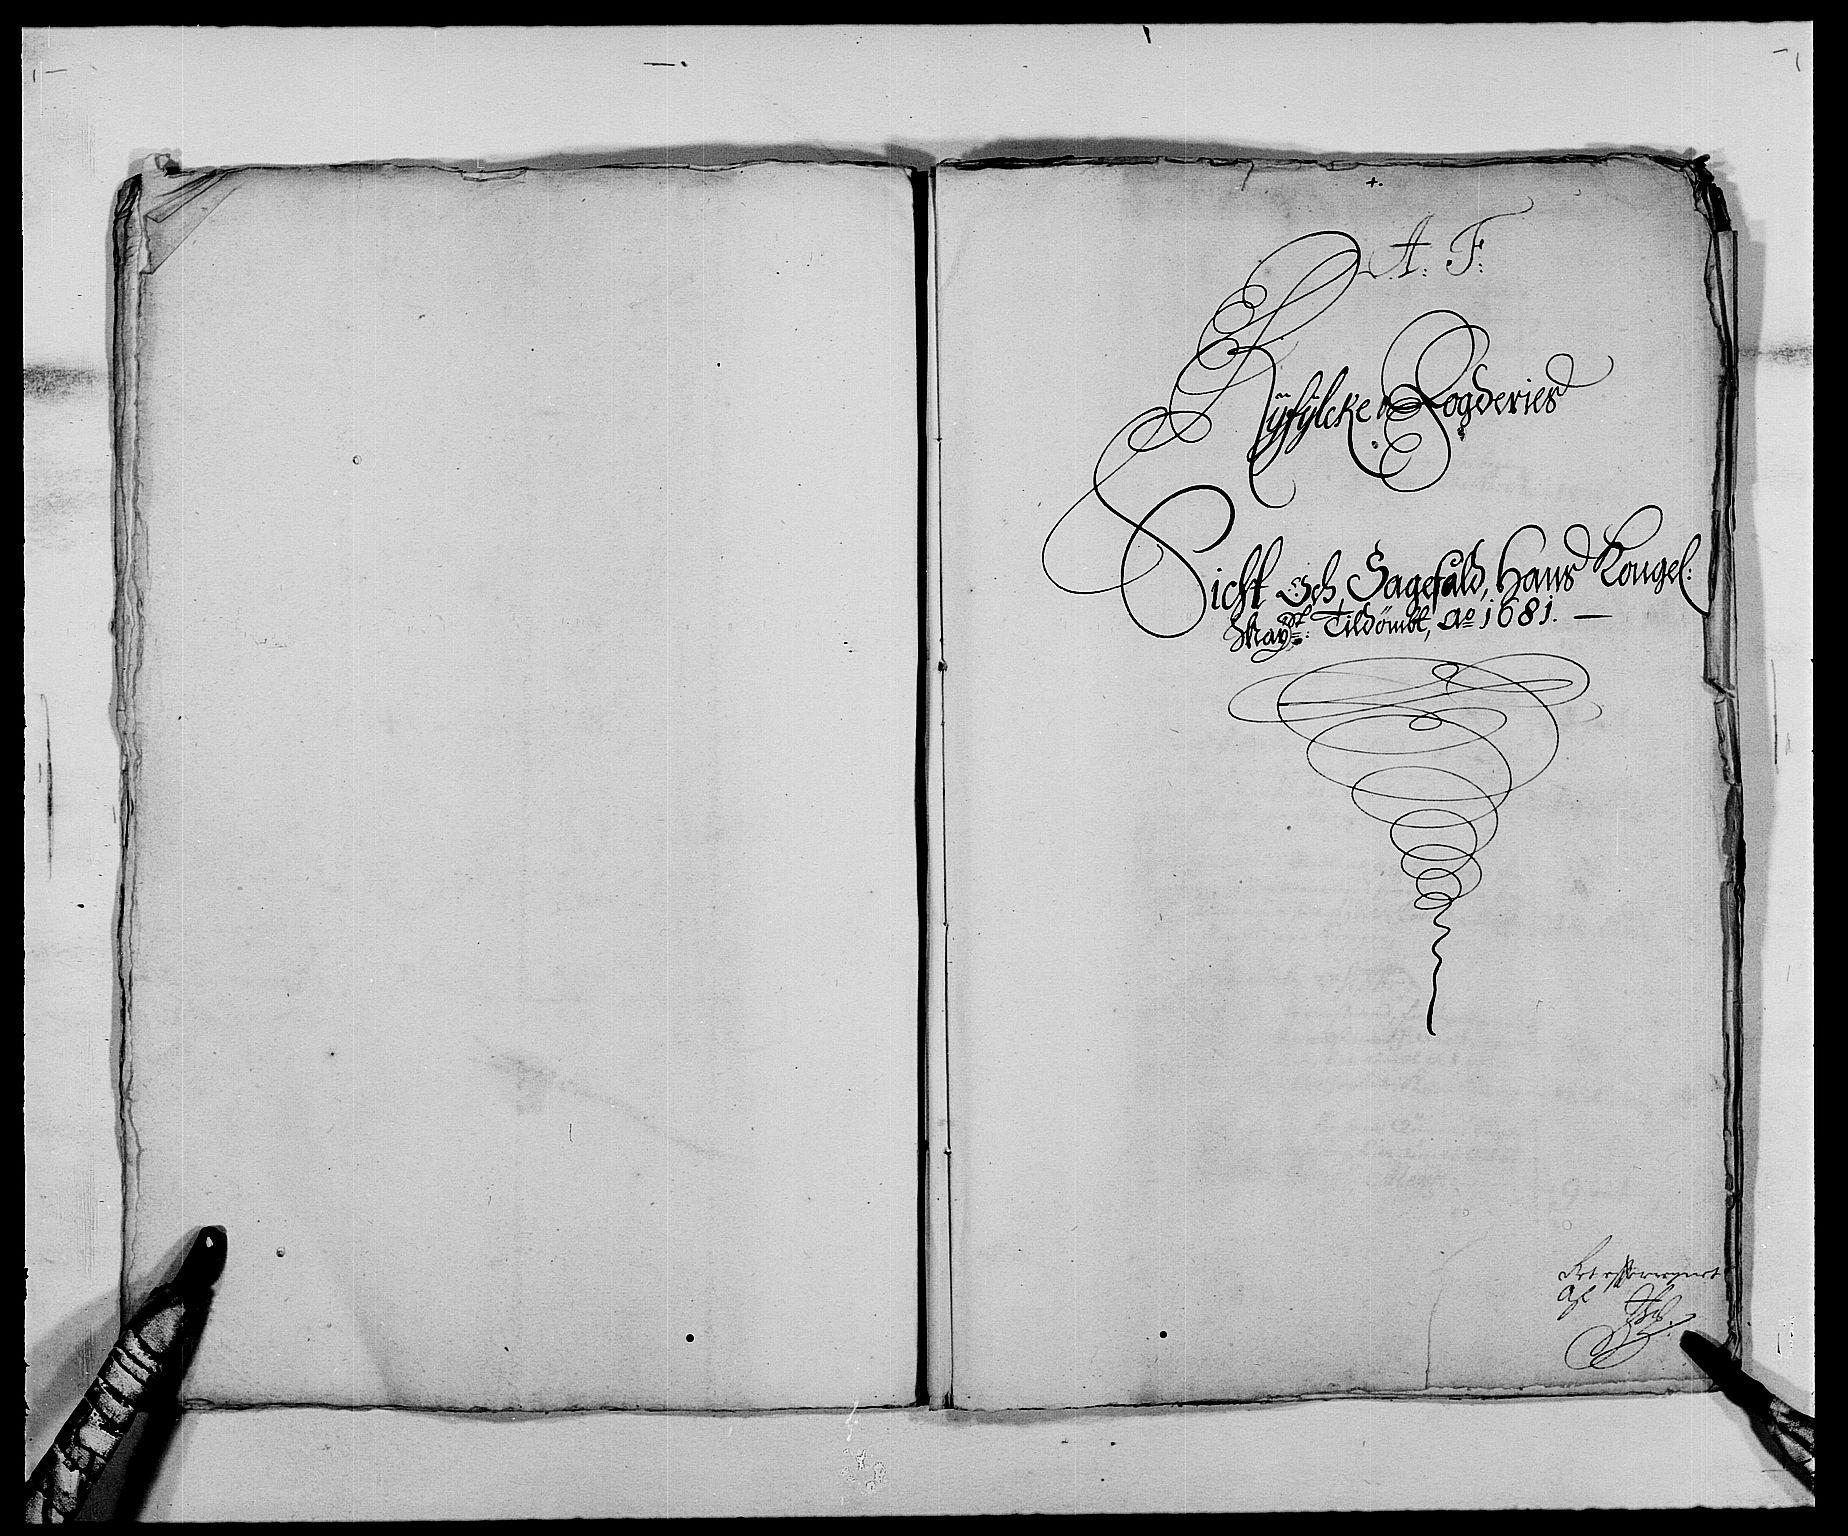 RA, Rentekammeret inntil 1814, Reviderte regnskaper, Fogderegnskap, R47/L2852: Fogderegnskap Ryfylke, 1681, s. 119